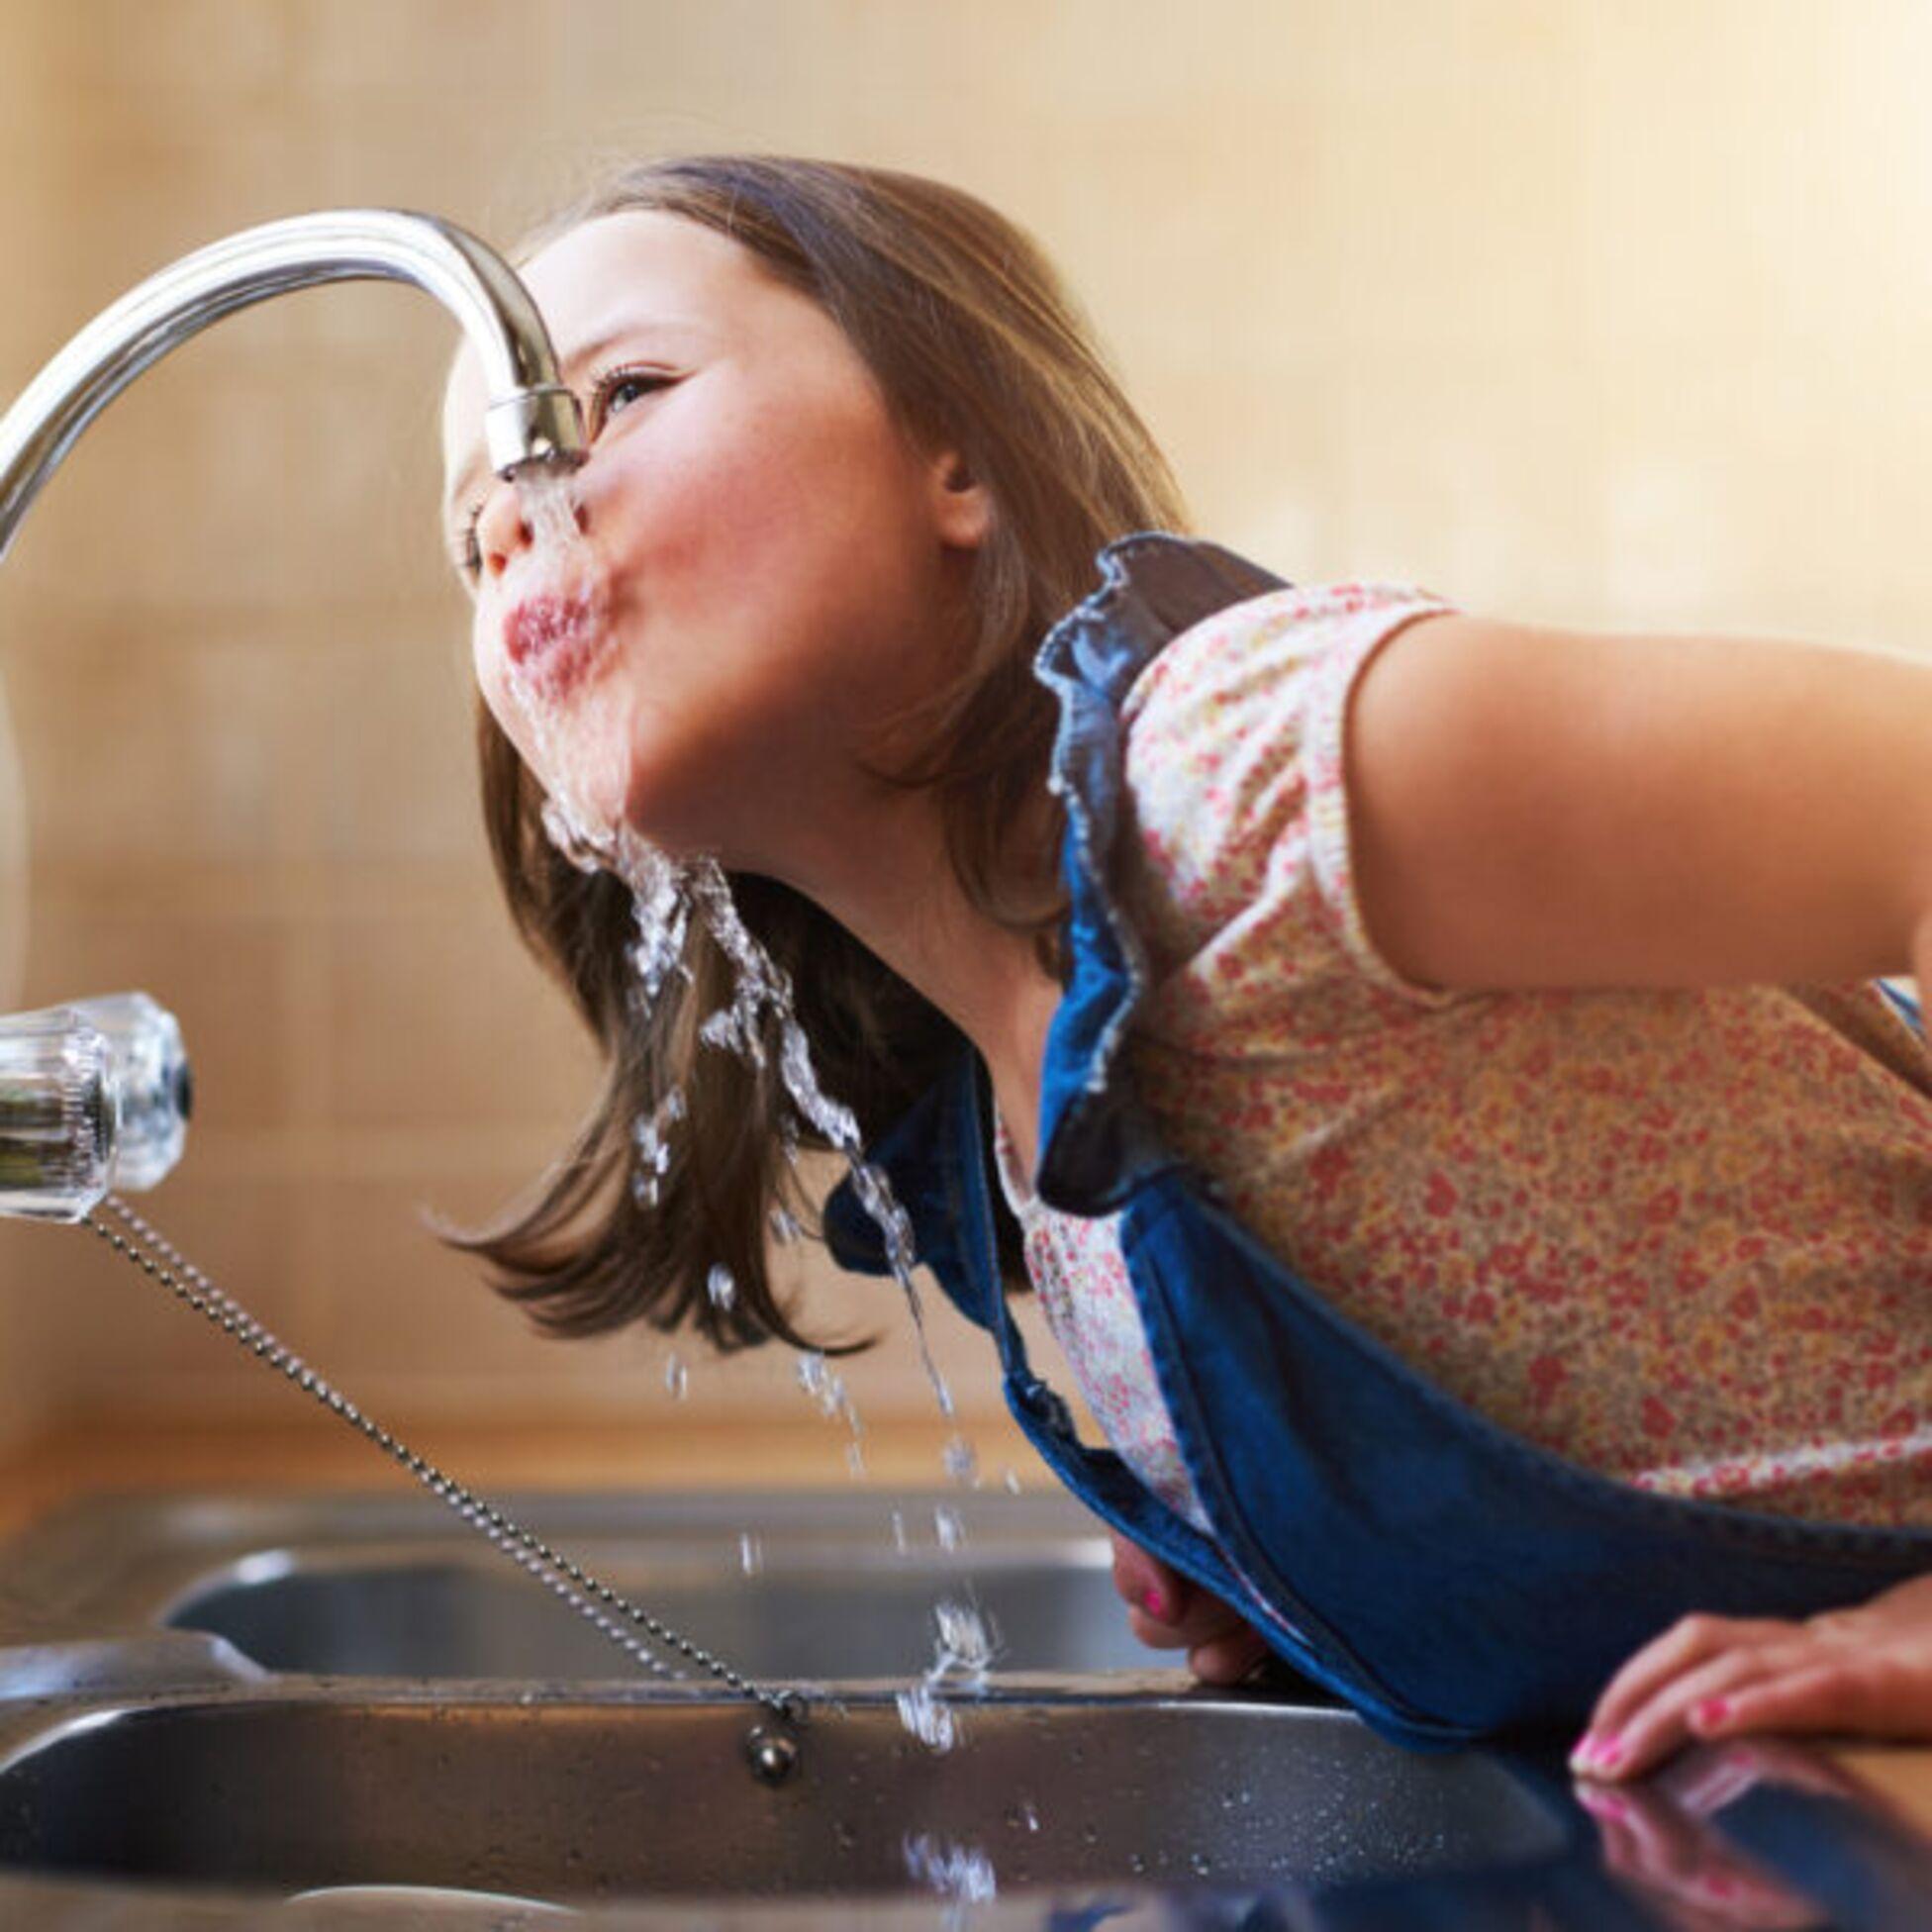 Mädchen trinkt Wasser aus der Leitung